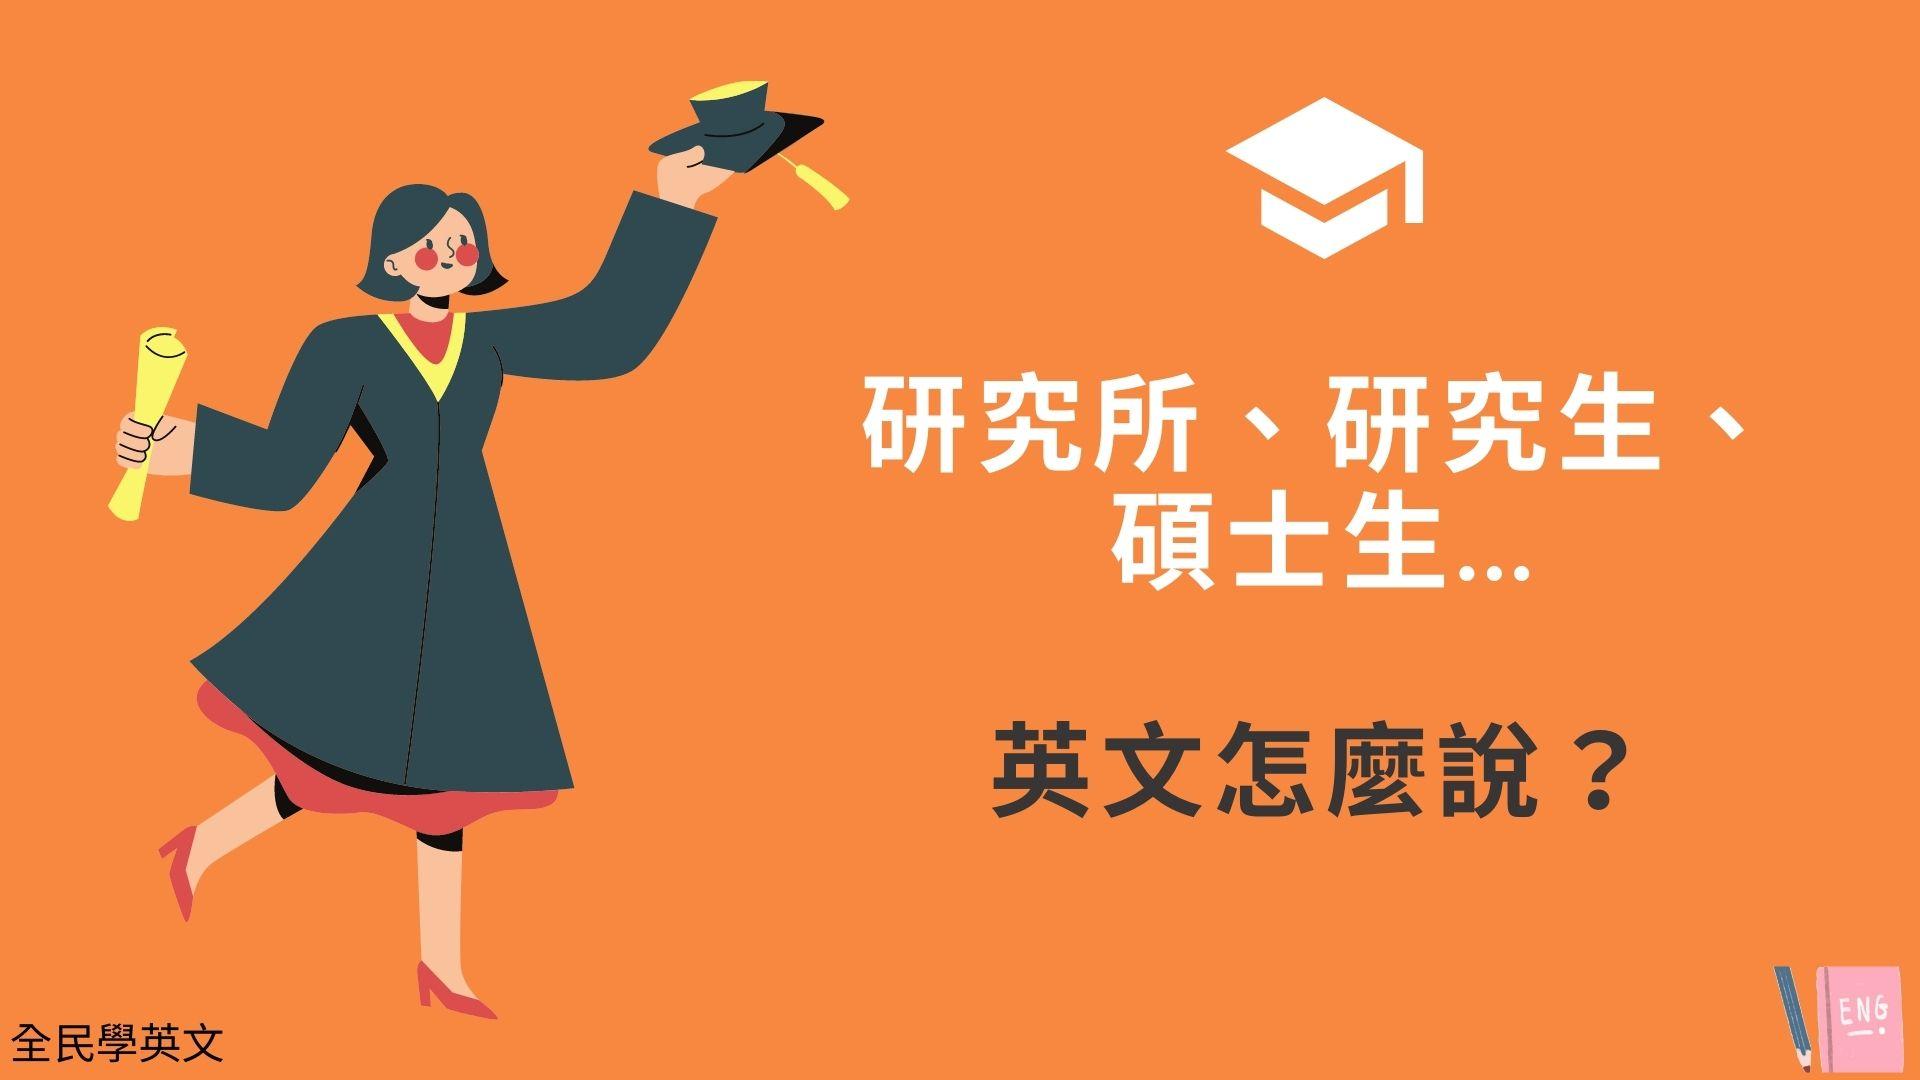 研究所、研究生、碩士生英文怎麼說? graduate school/student 中文意思!